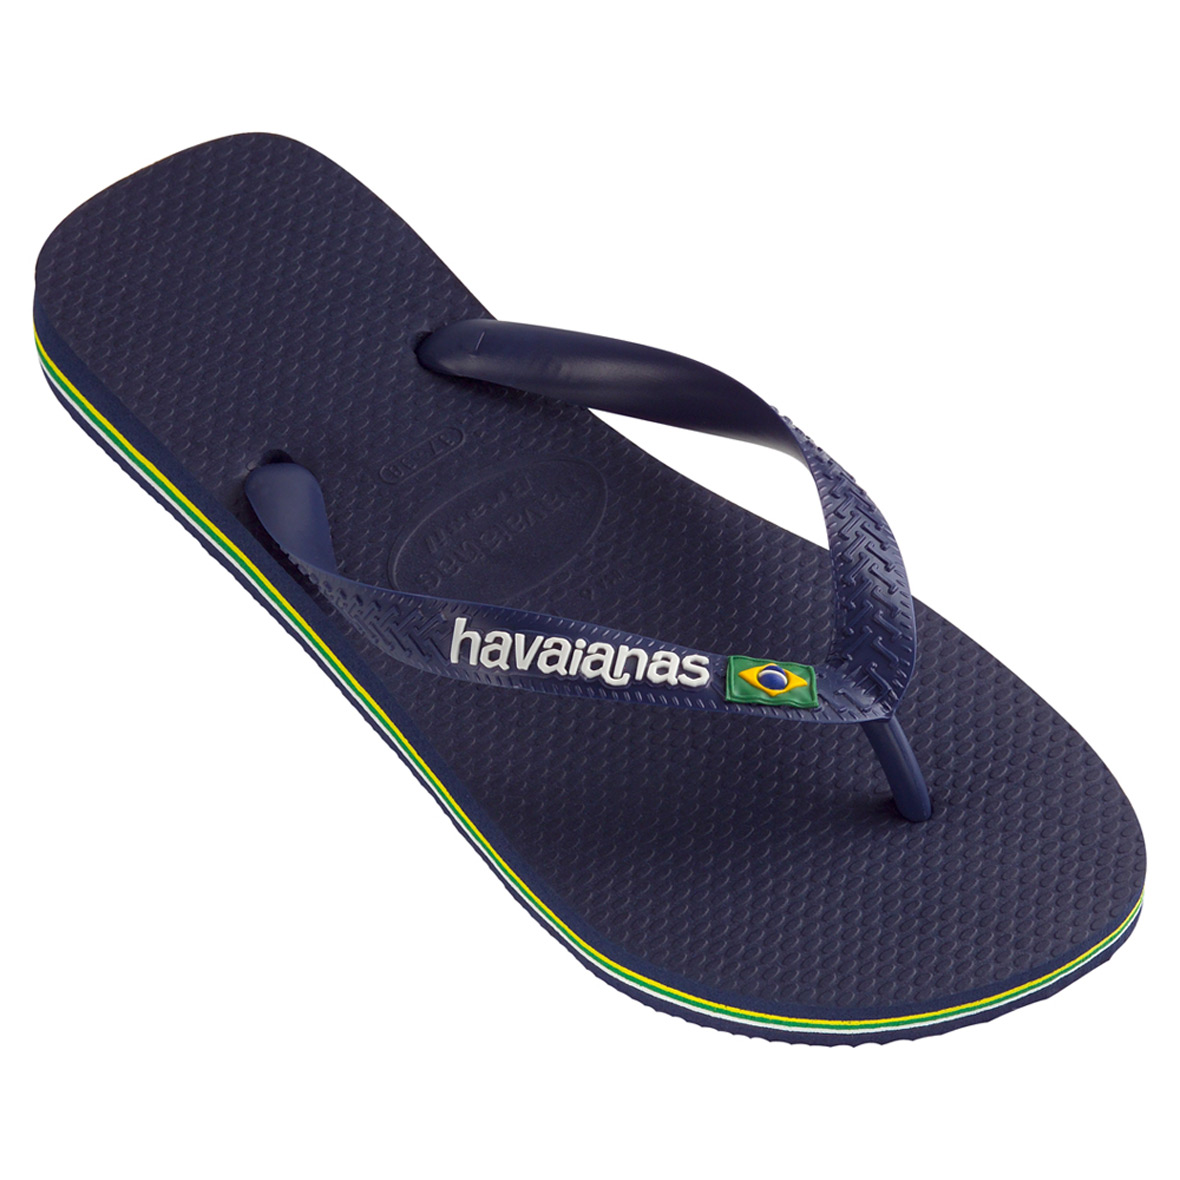 80cd5d0d277c7 Havaianas Men s Brazil Logo Flip Flop Sandal